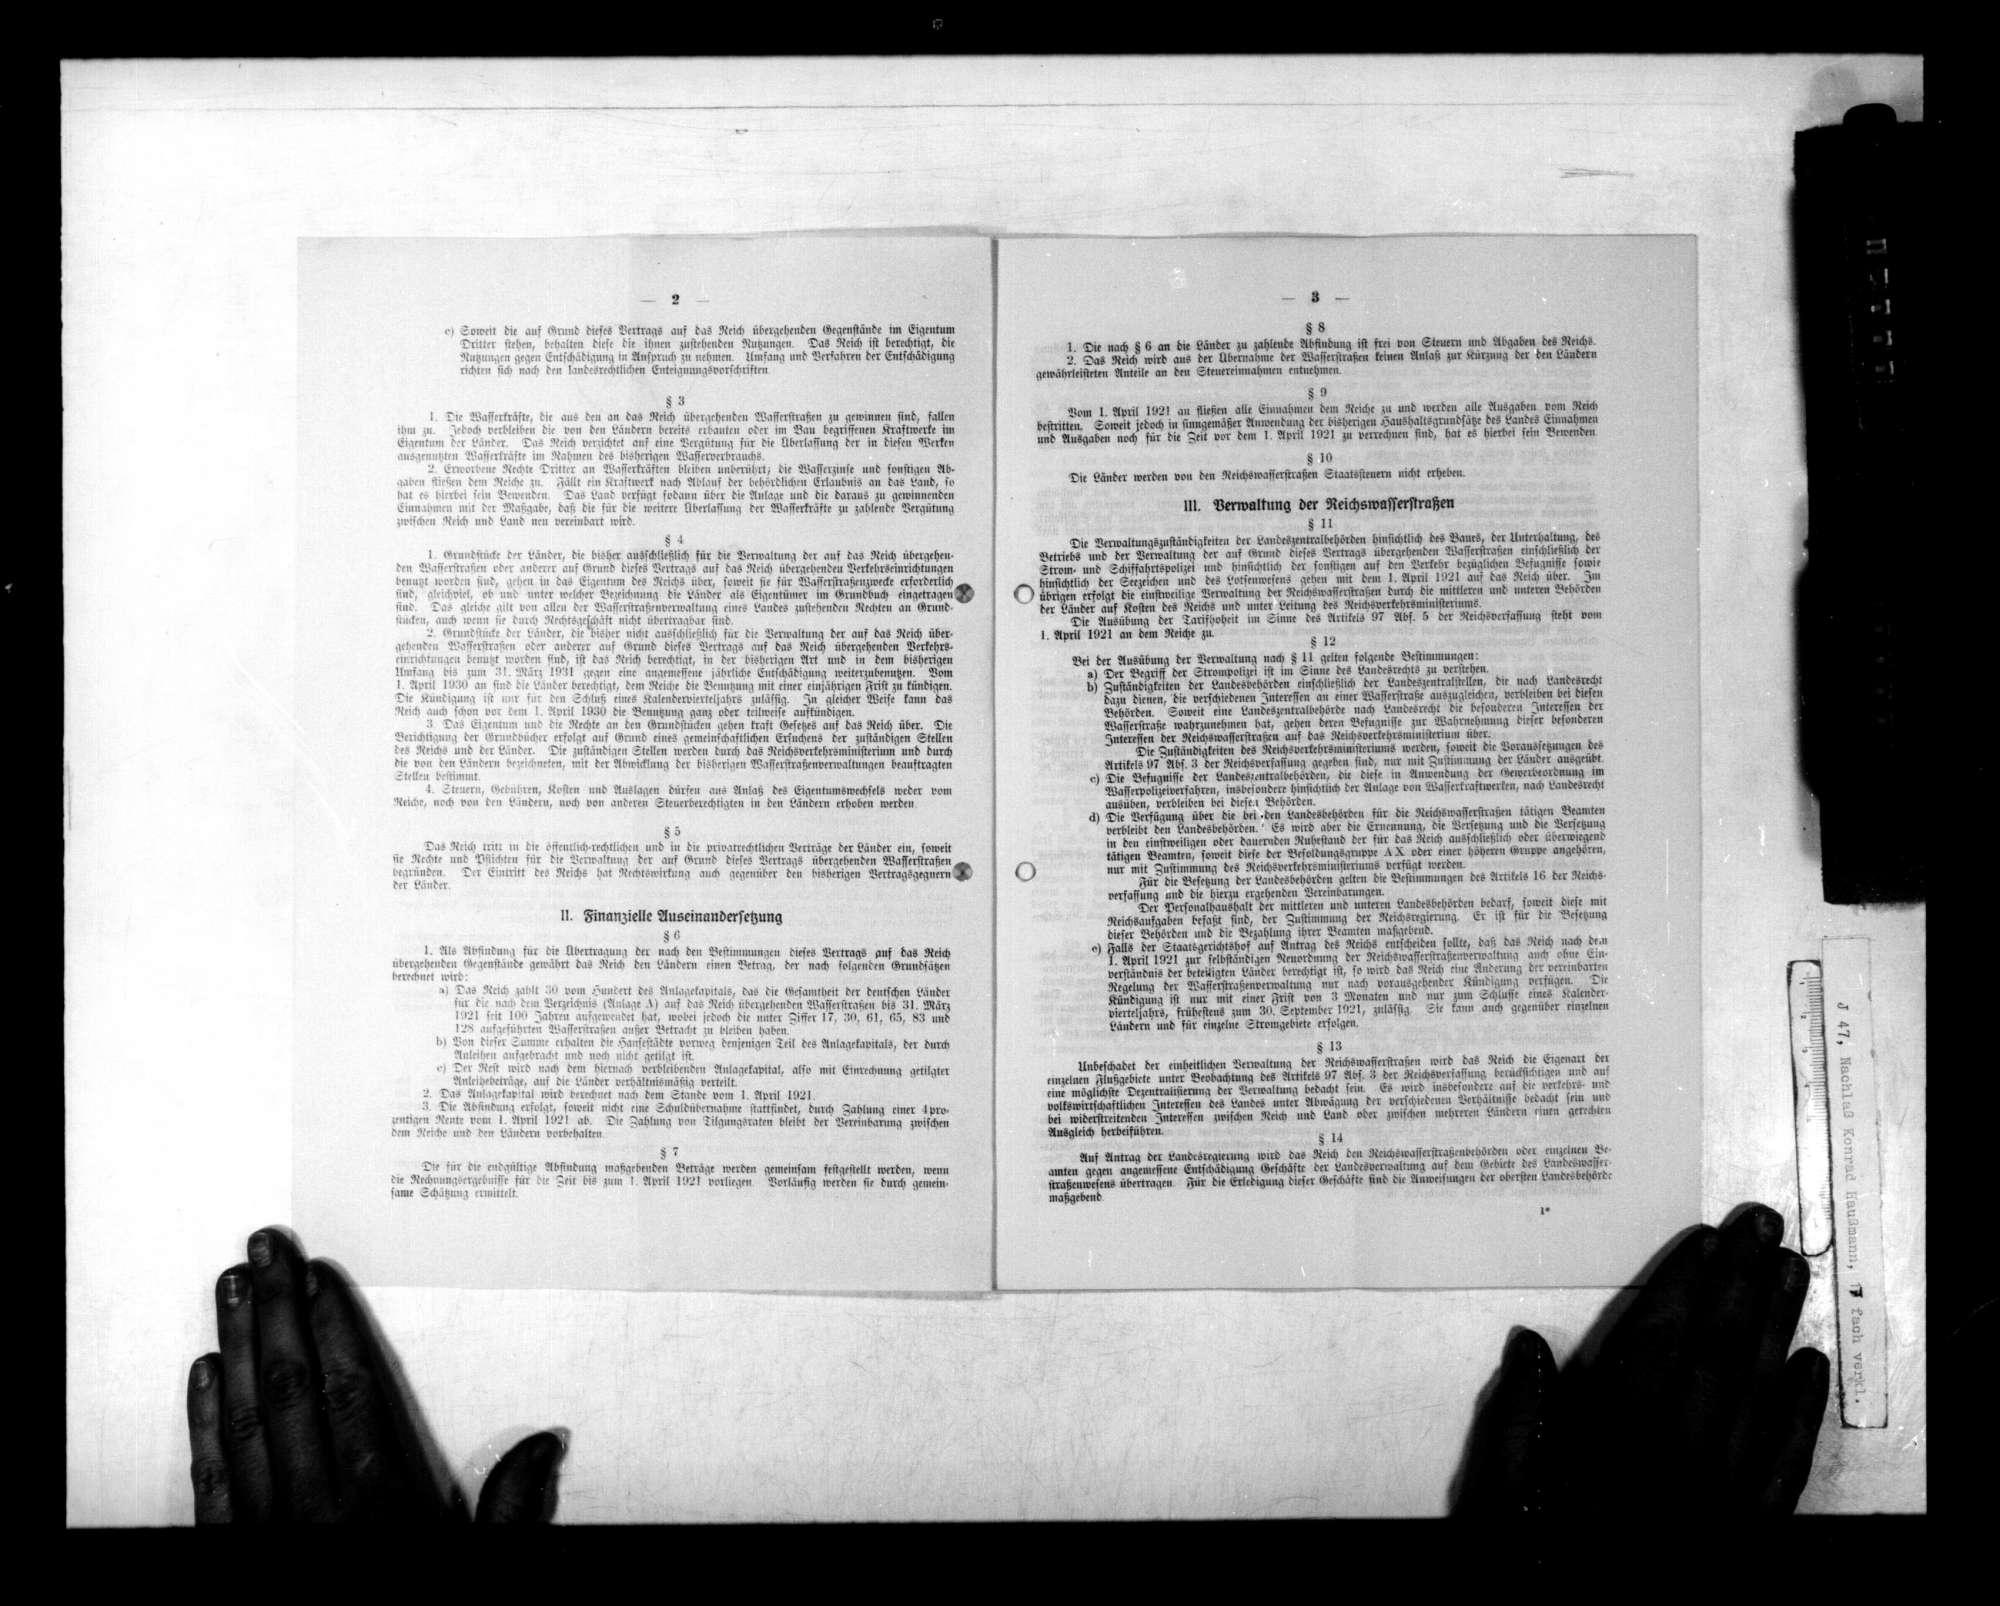 Württemberg: Verfassung, Wahlrecht, Wahlkreiseinteilungen, Bild 3